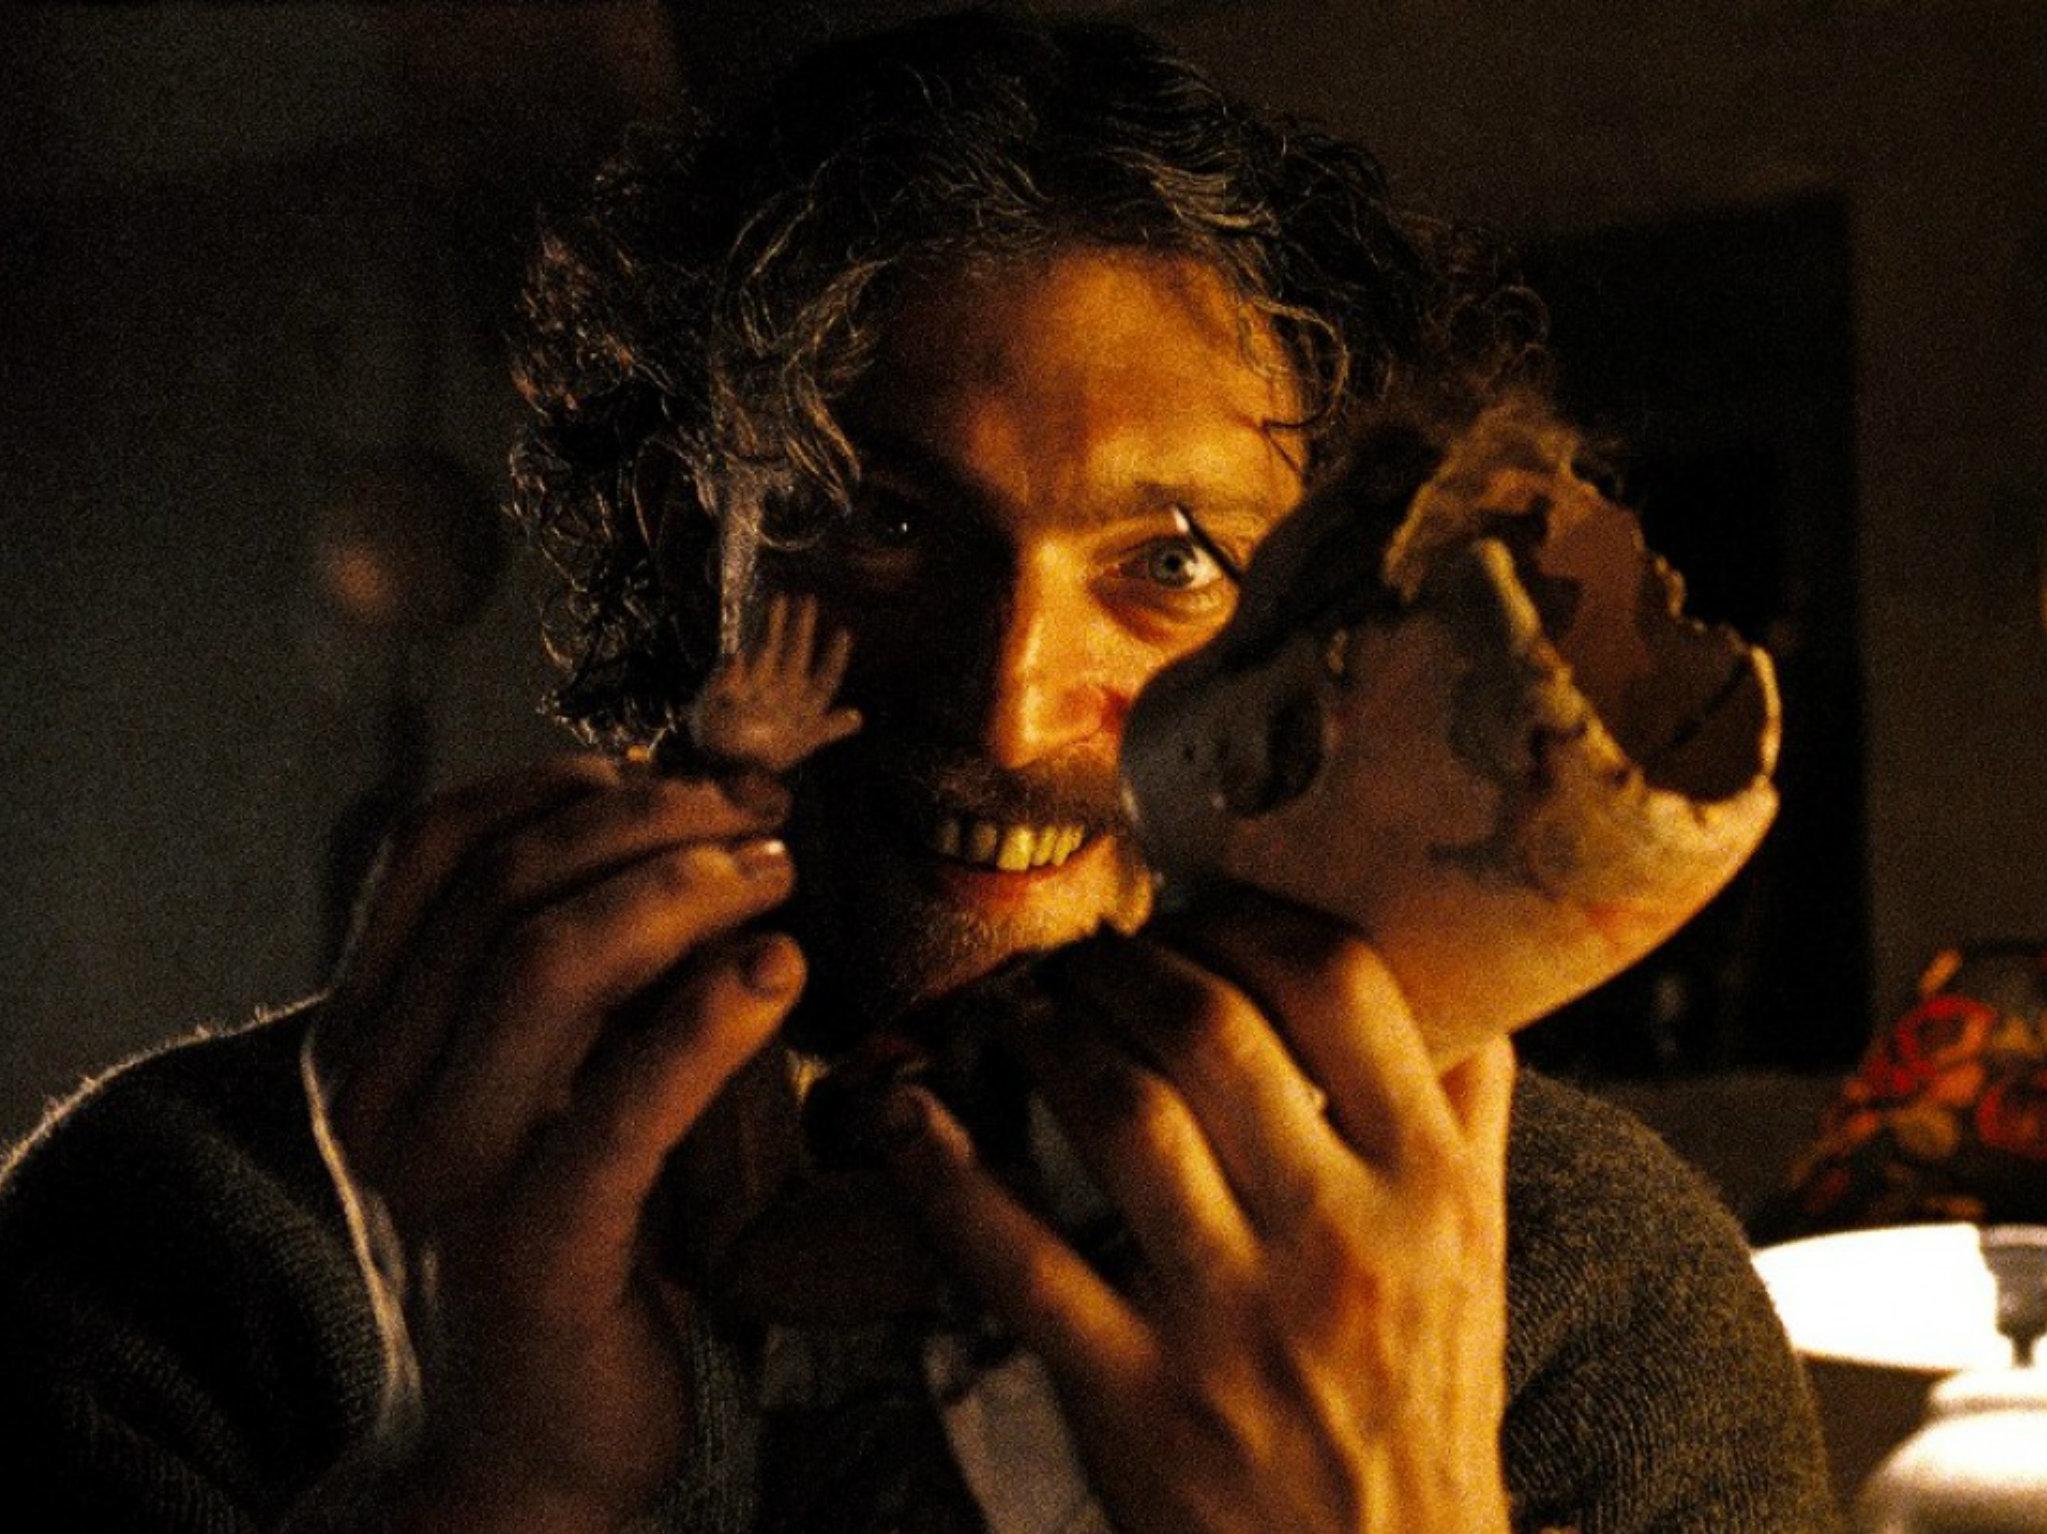 Cena con el diablo en Masacre en Xoco